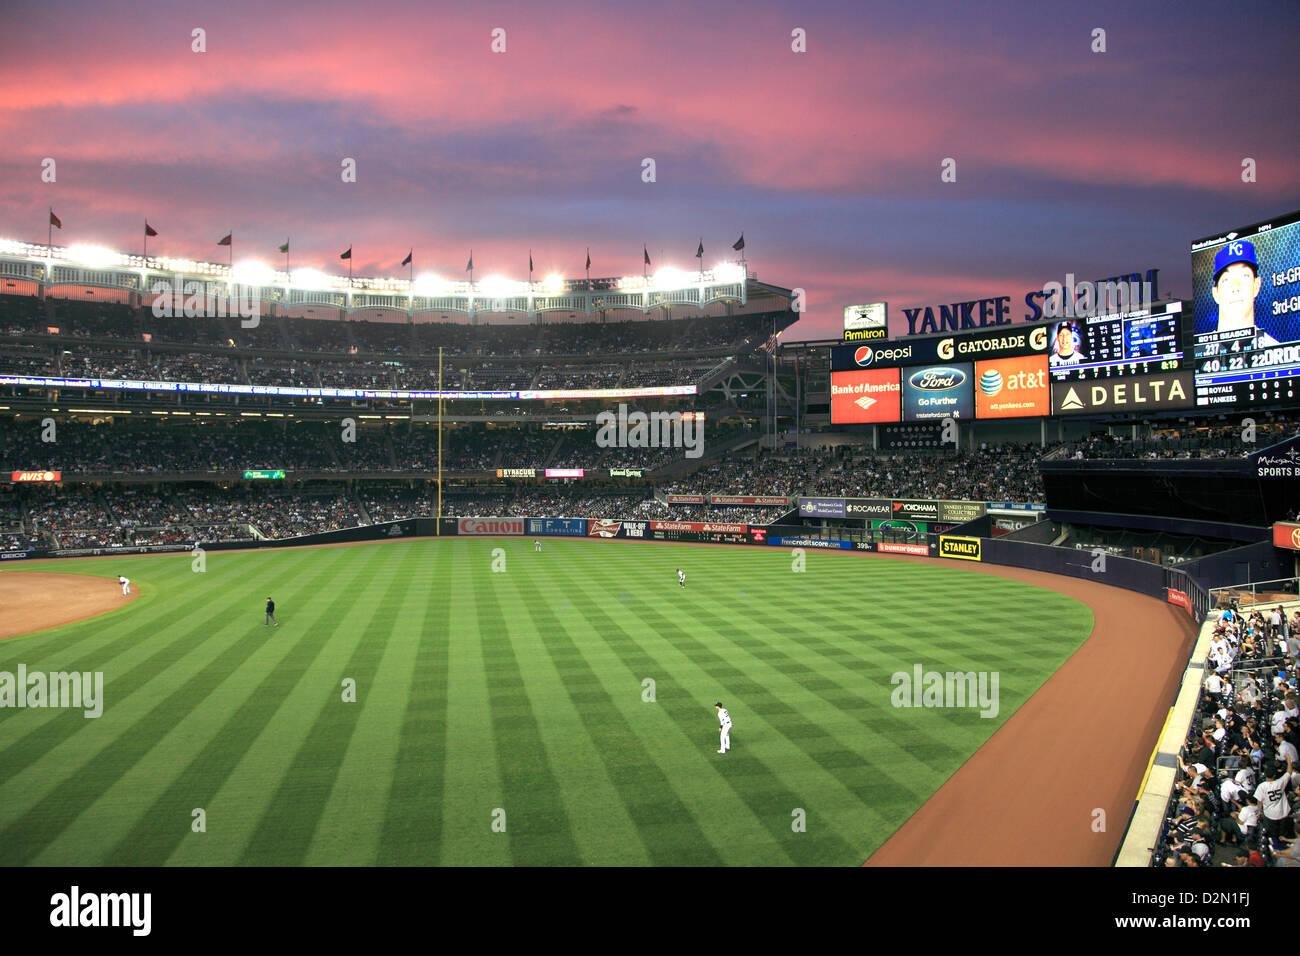 Madison Square Garden: Baseball Game, Yankee Stadium, Bronx, New York City